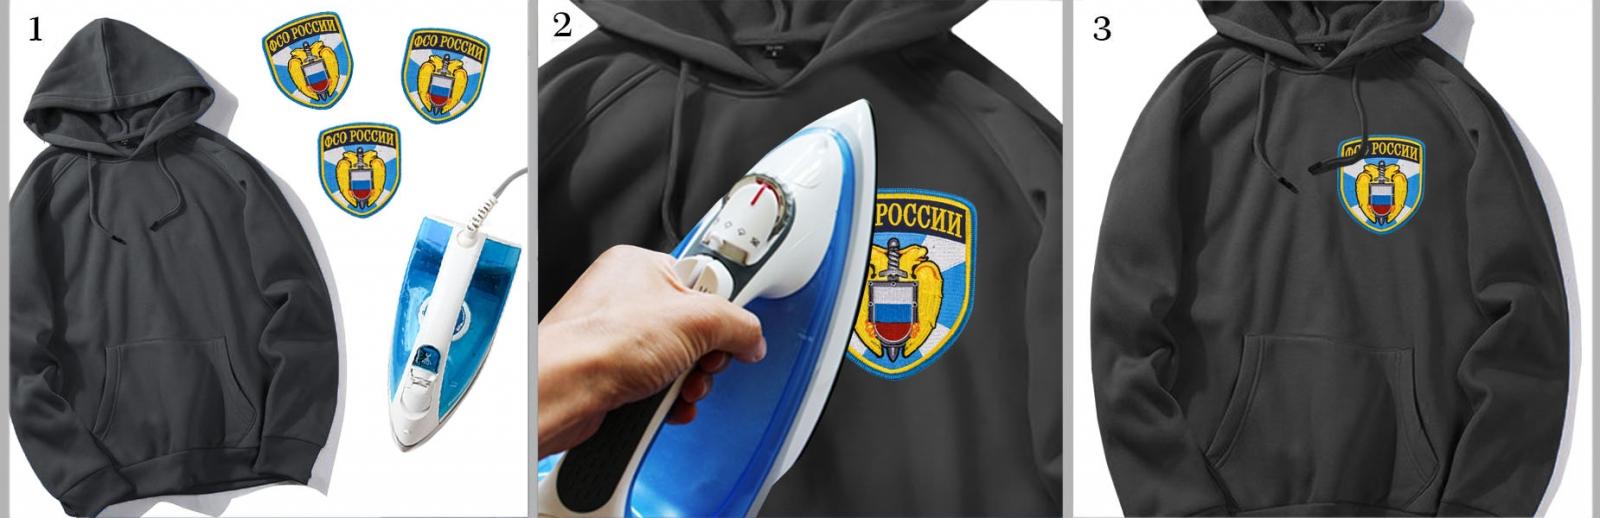 Термошеврон ФСО России на толстовке